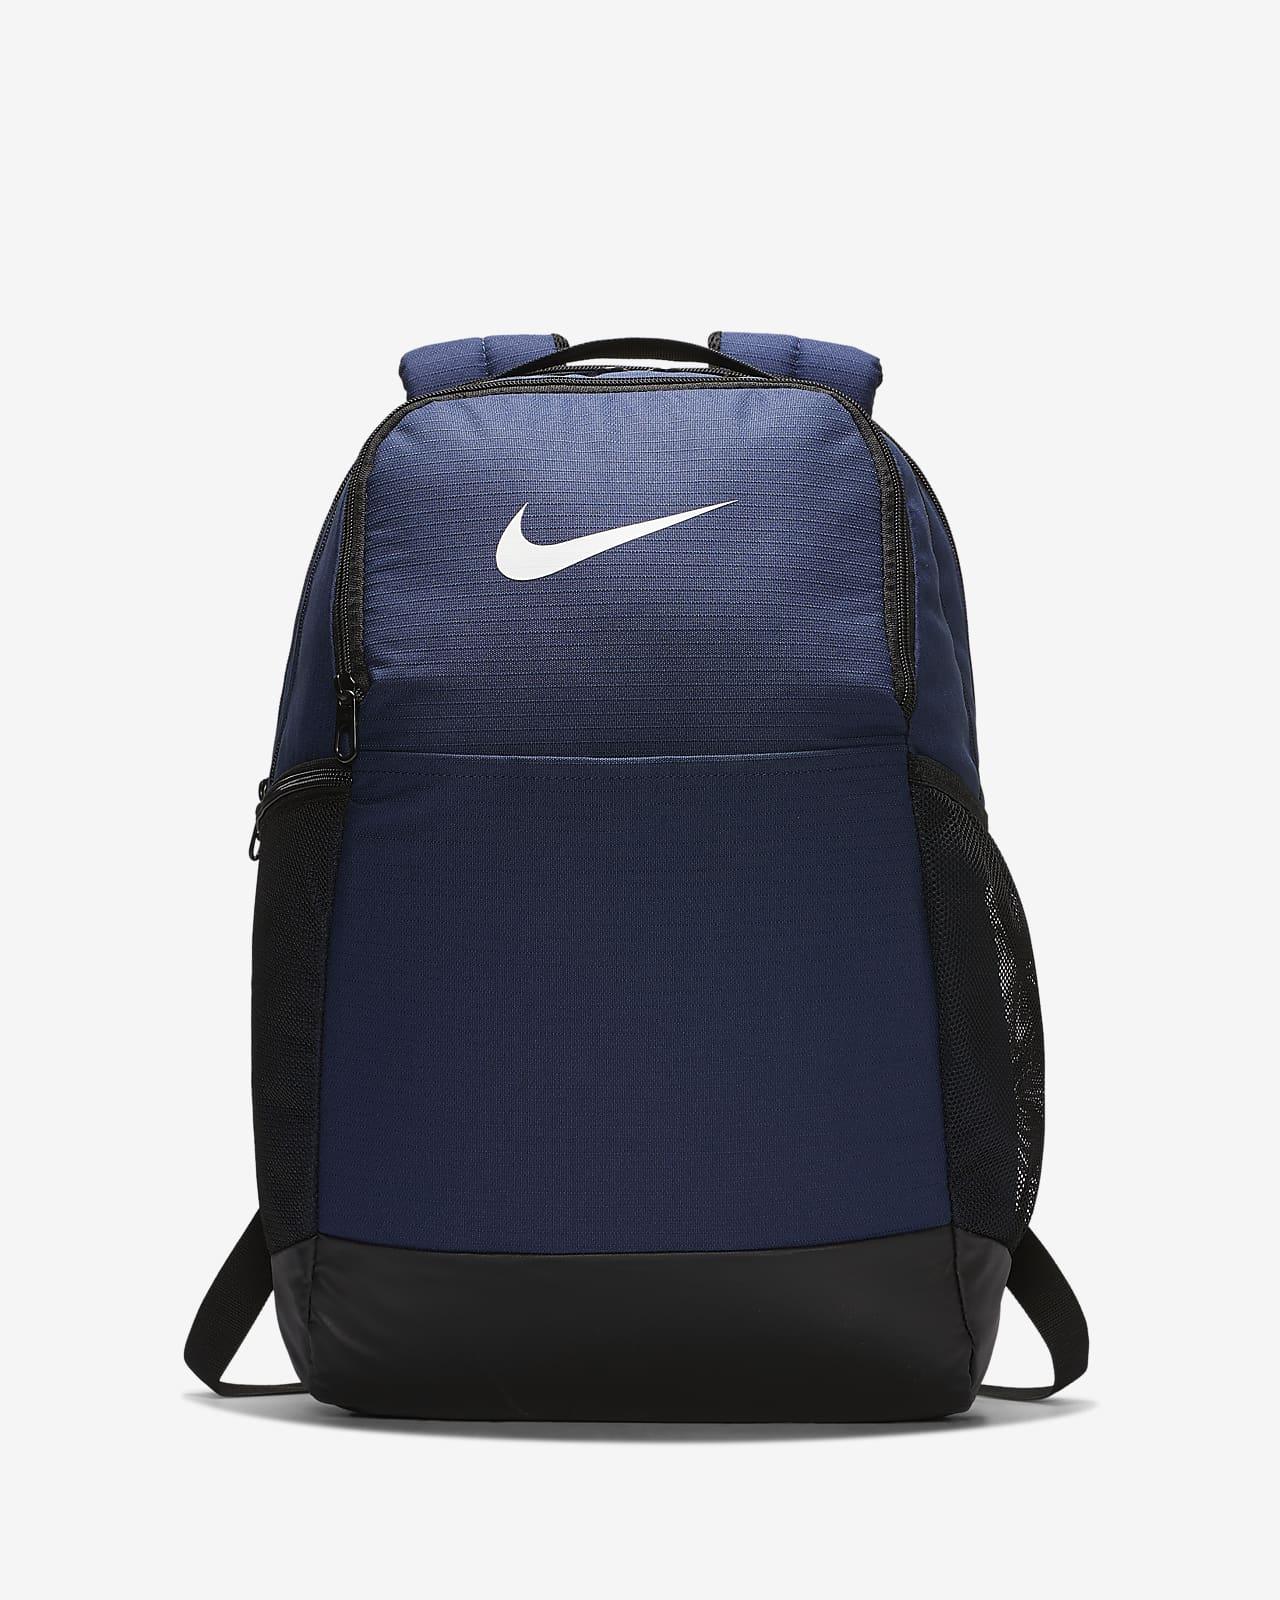 Nike Brasilia Training Backpack (Medium